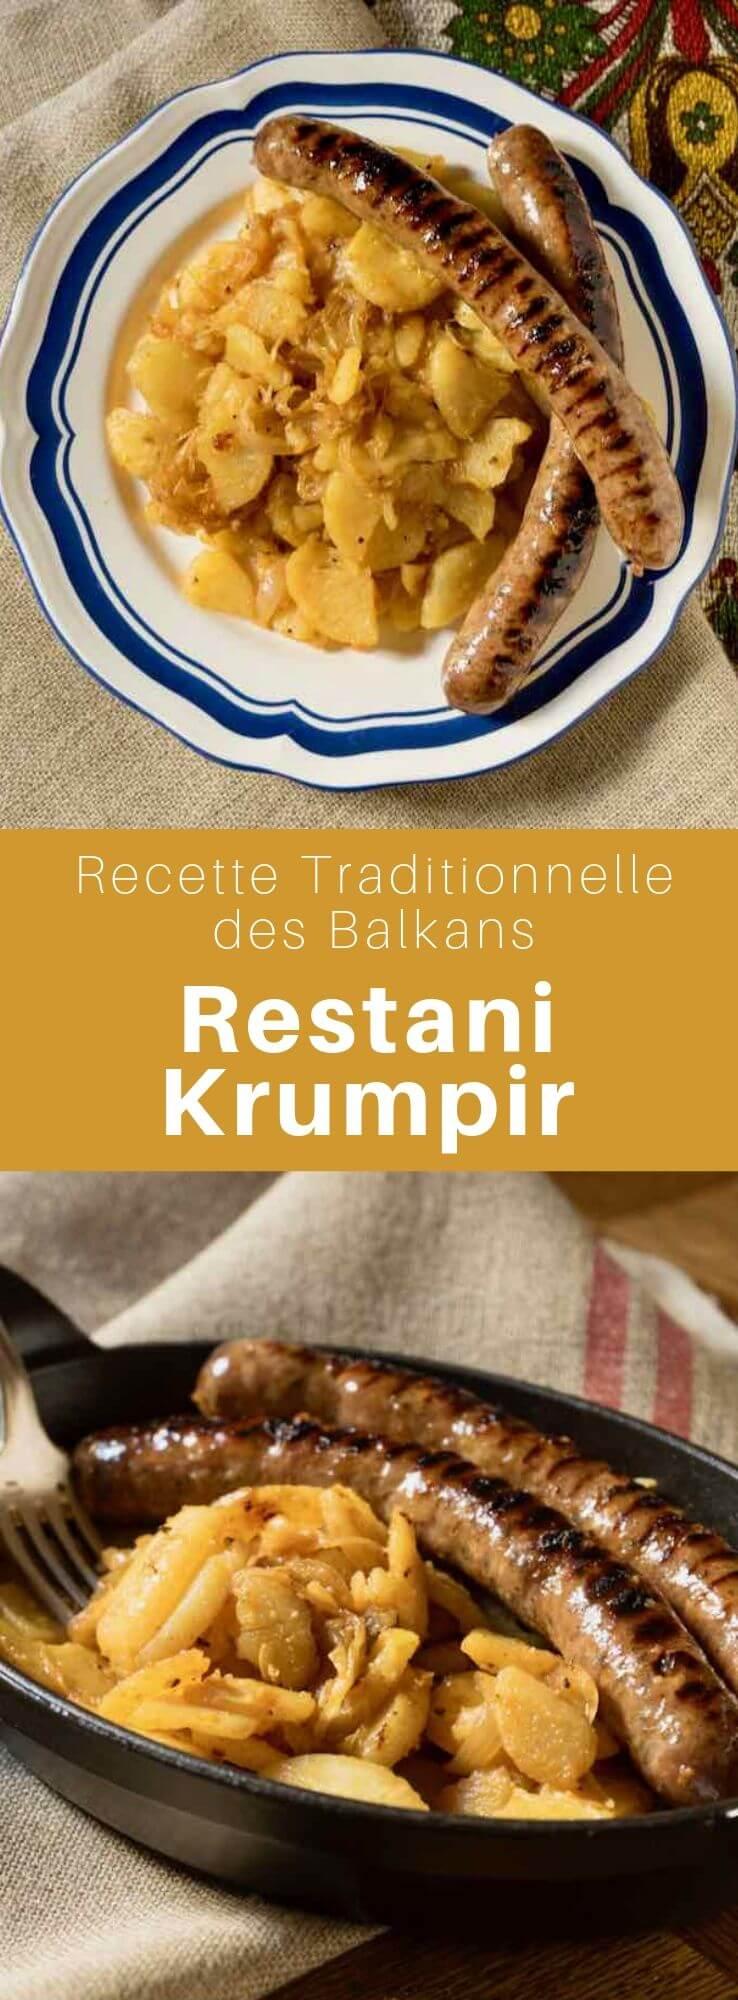 Le restani krumpir est un plat traditionnel croate à base de pommes de terres rissolées que l'on sert avec des saucisses au petit-déjeuner. #RecetteCroate #CuisineDeCroatie #CuisineDesBalkans #RecetteDesBalkans #CuisineDuMonde #196flavors